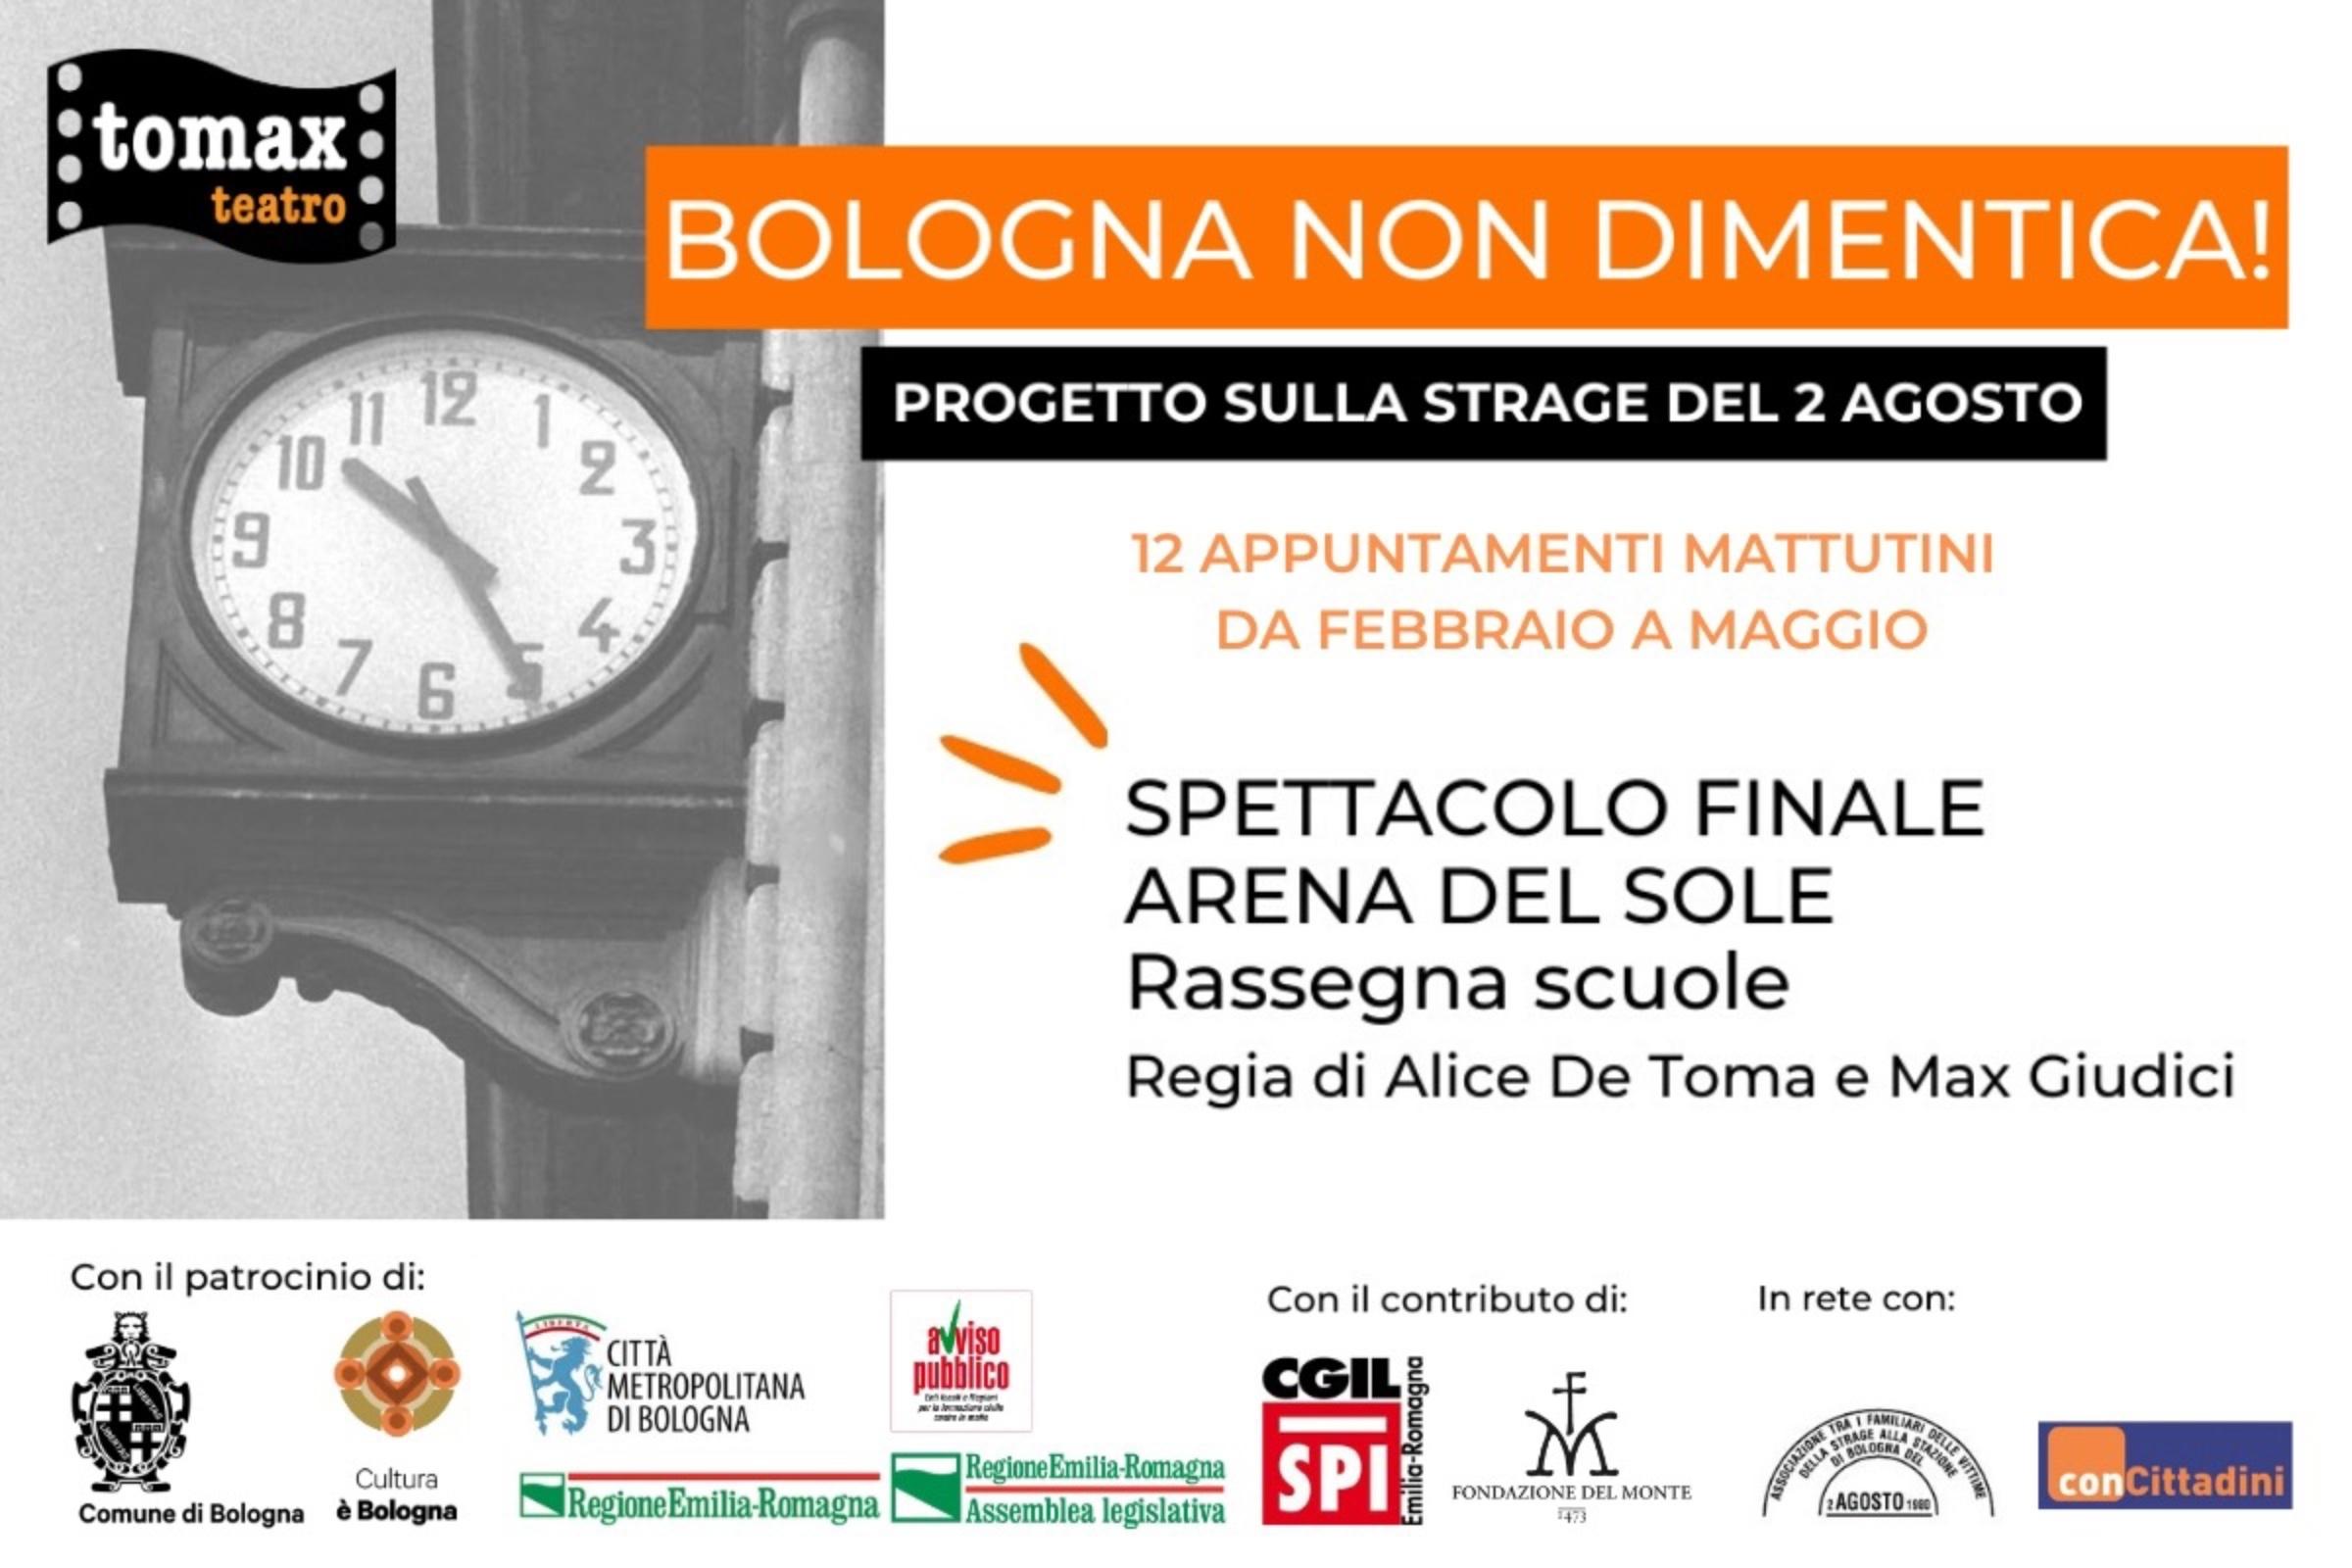 Bologna non dimentica: il 29 gennaio, a Bologna, Avviso Pubblico partecipa alla conferenza stampa del progetto in ricordo della strage del 2 agosto